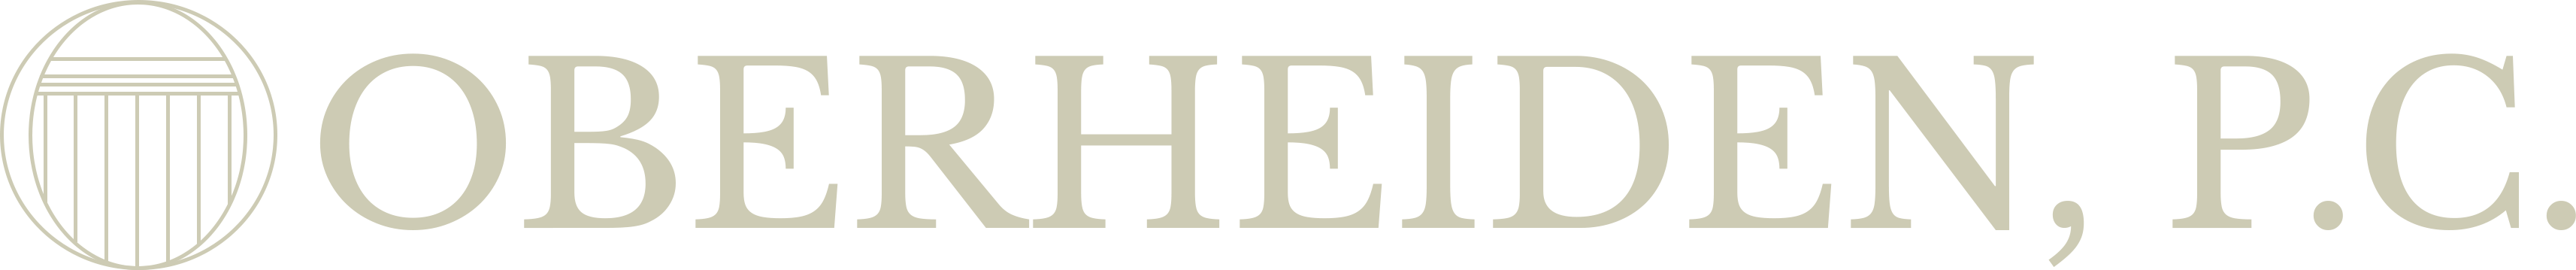 ober-logo-FL